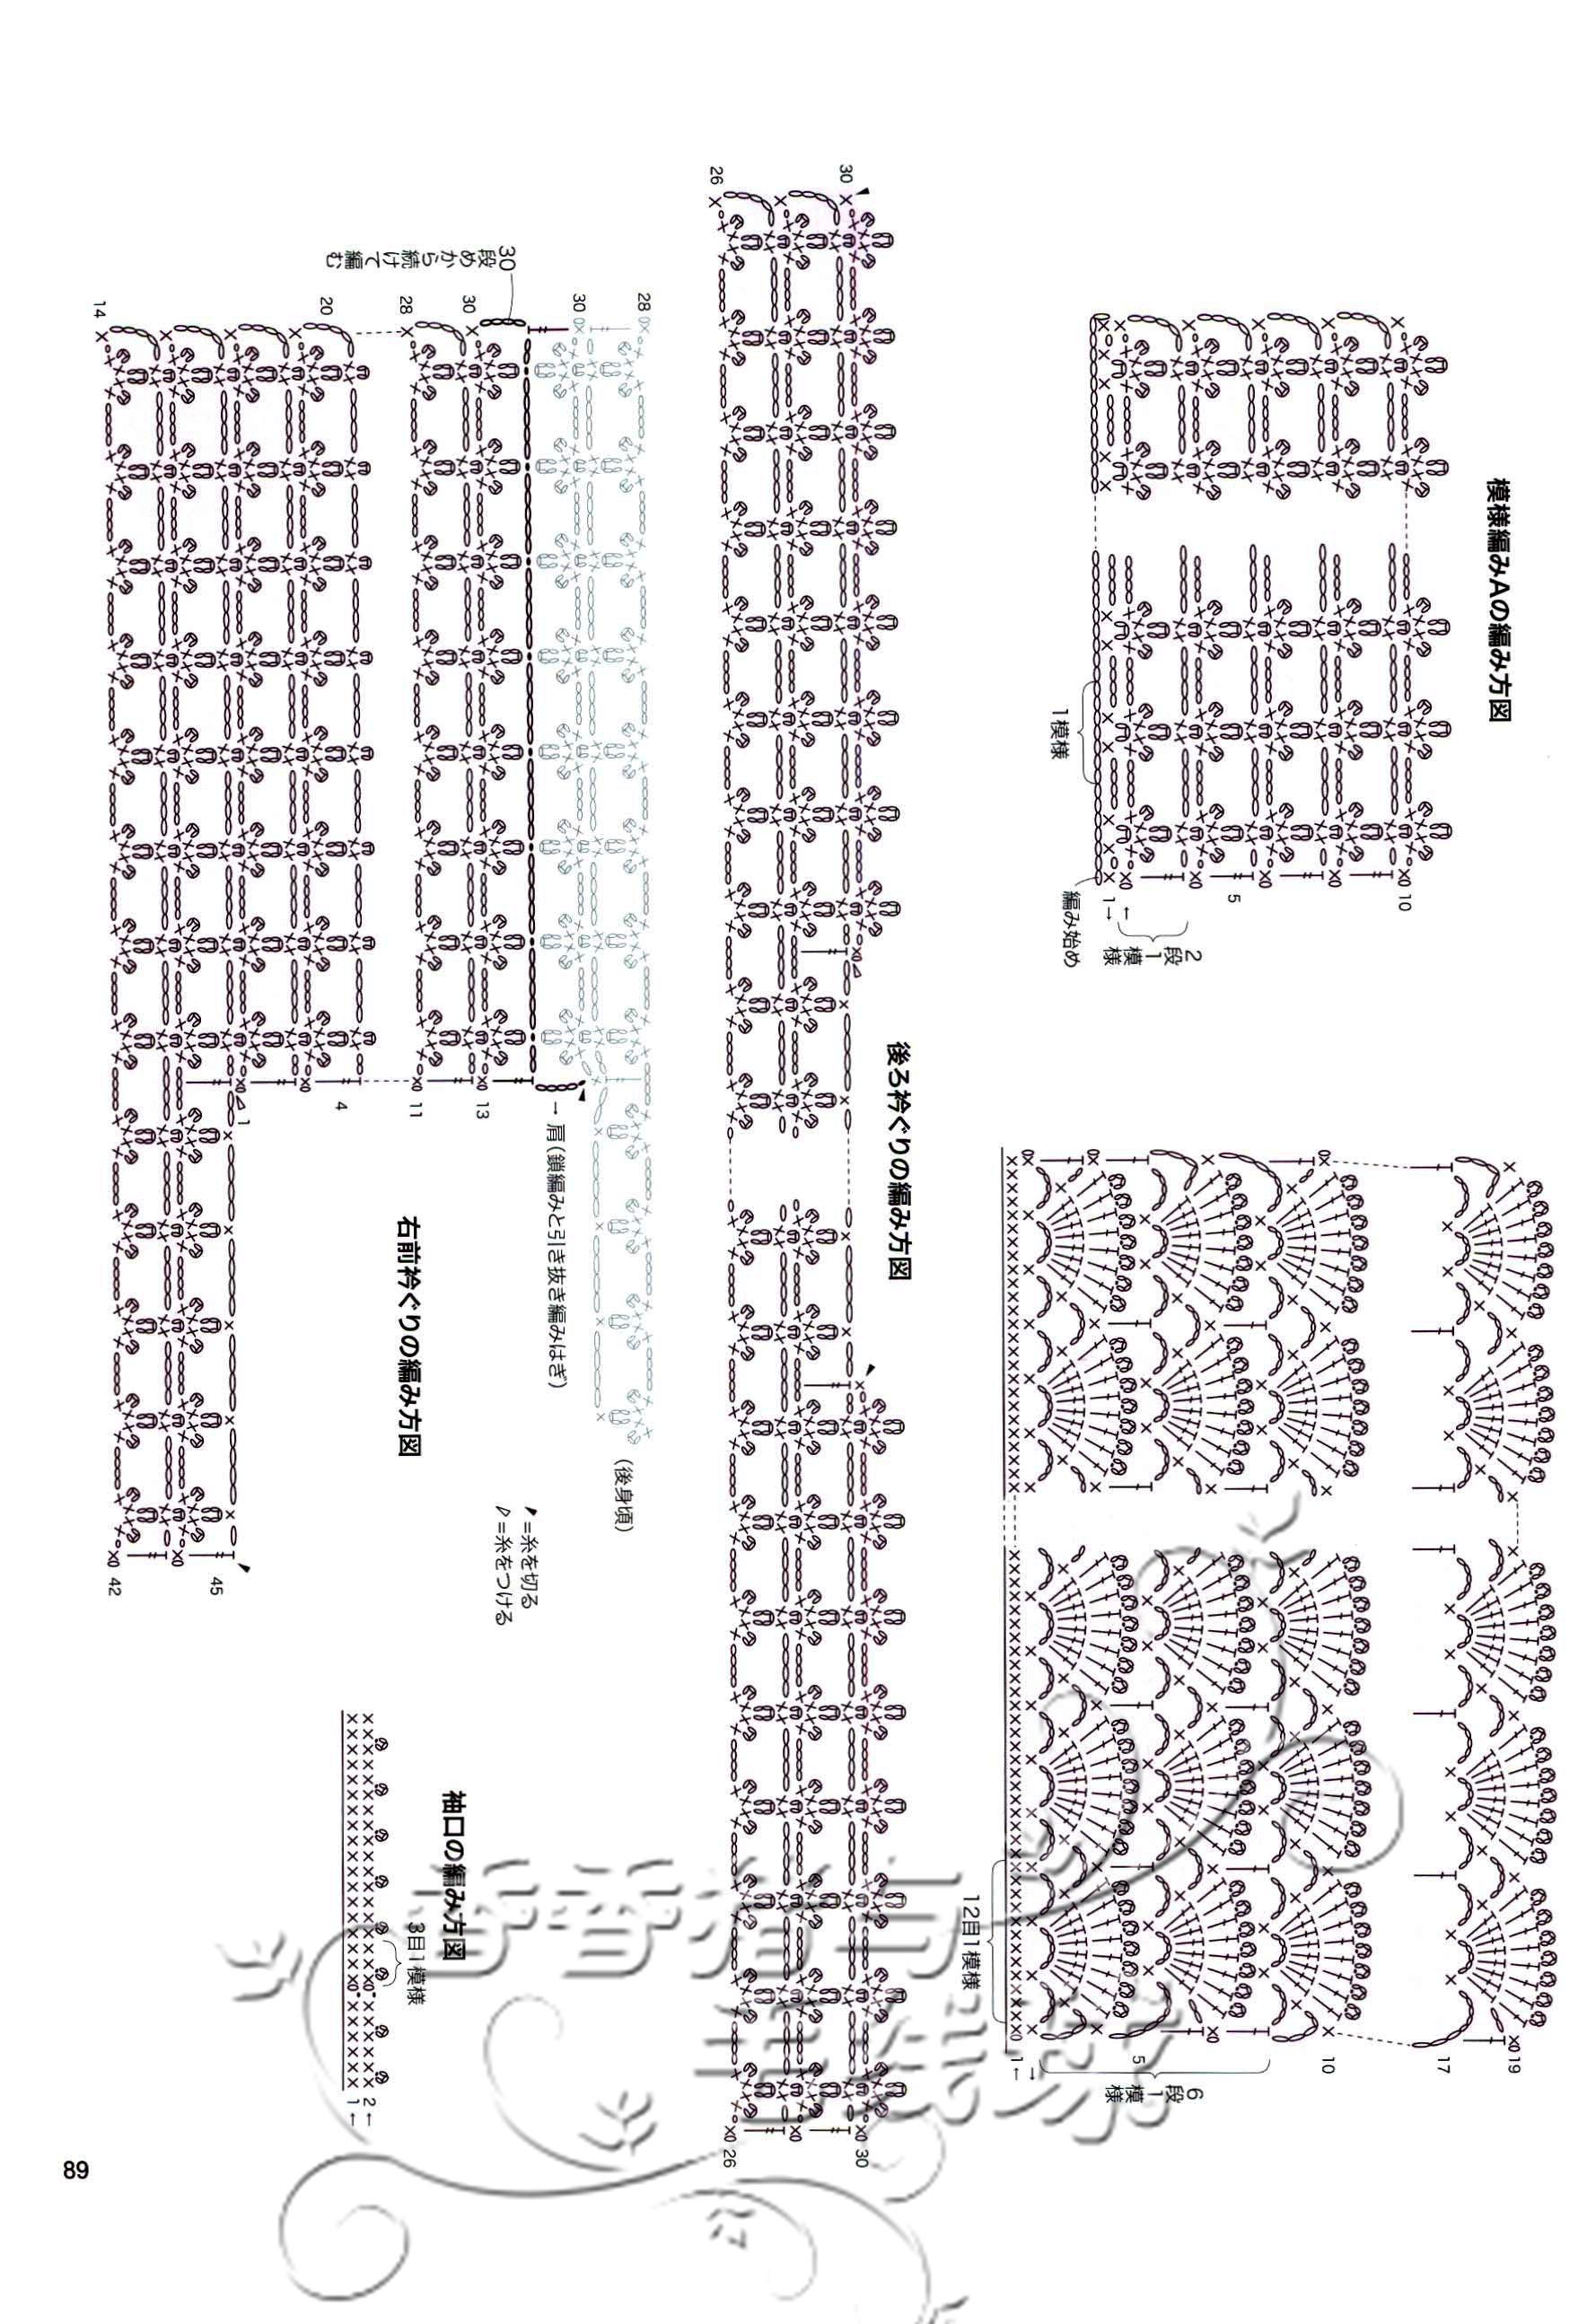 1171_lks 36 13 (89)